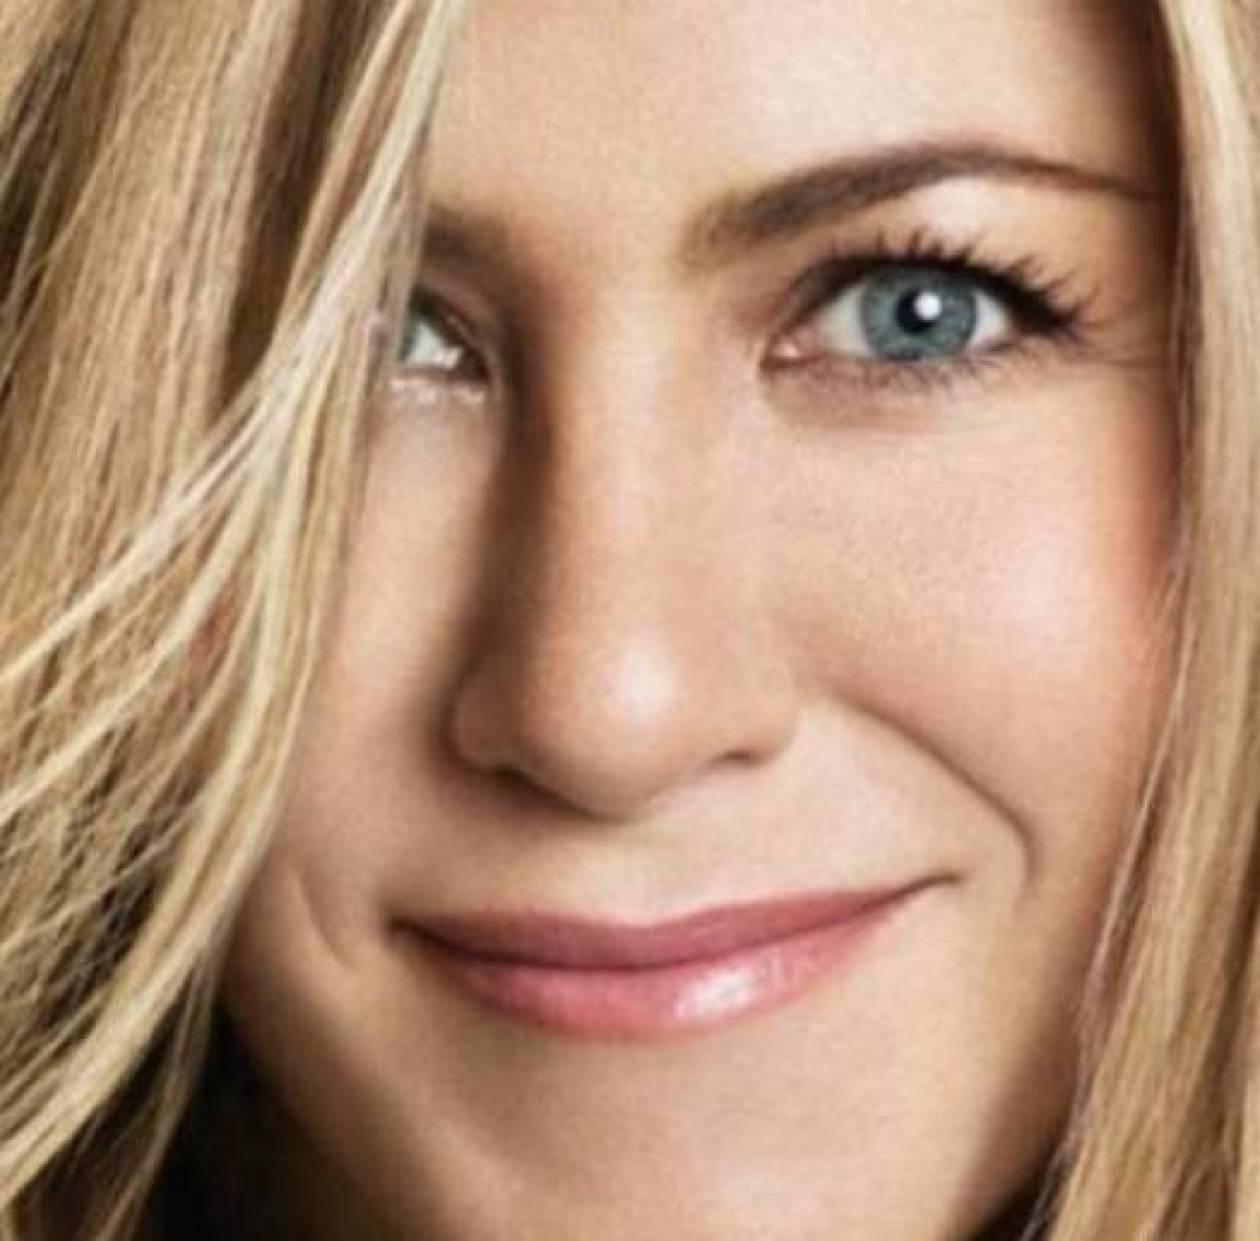 Δείτε την Jennifer Aniston να διακωμωδεί τη ζωή των μοντέλων